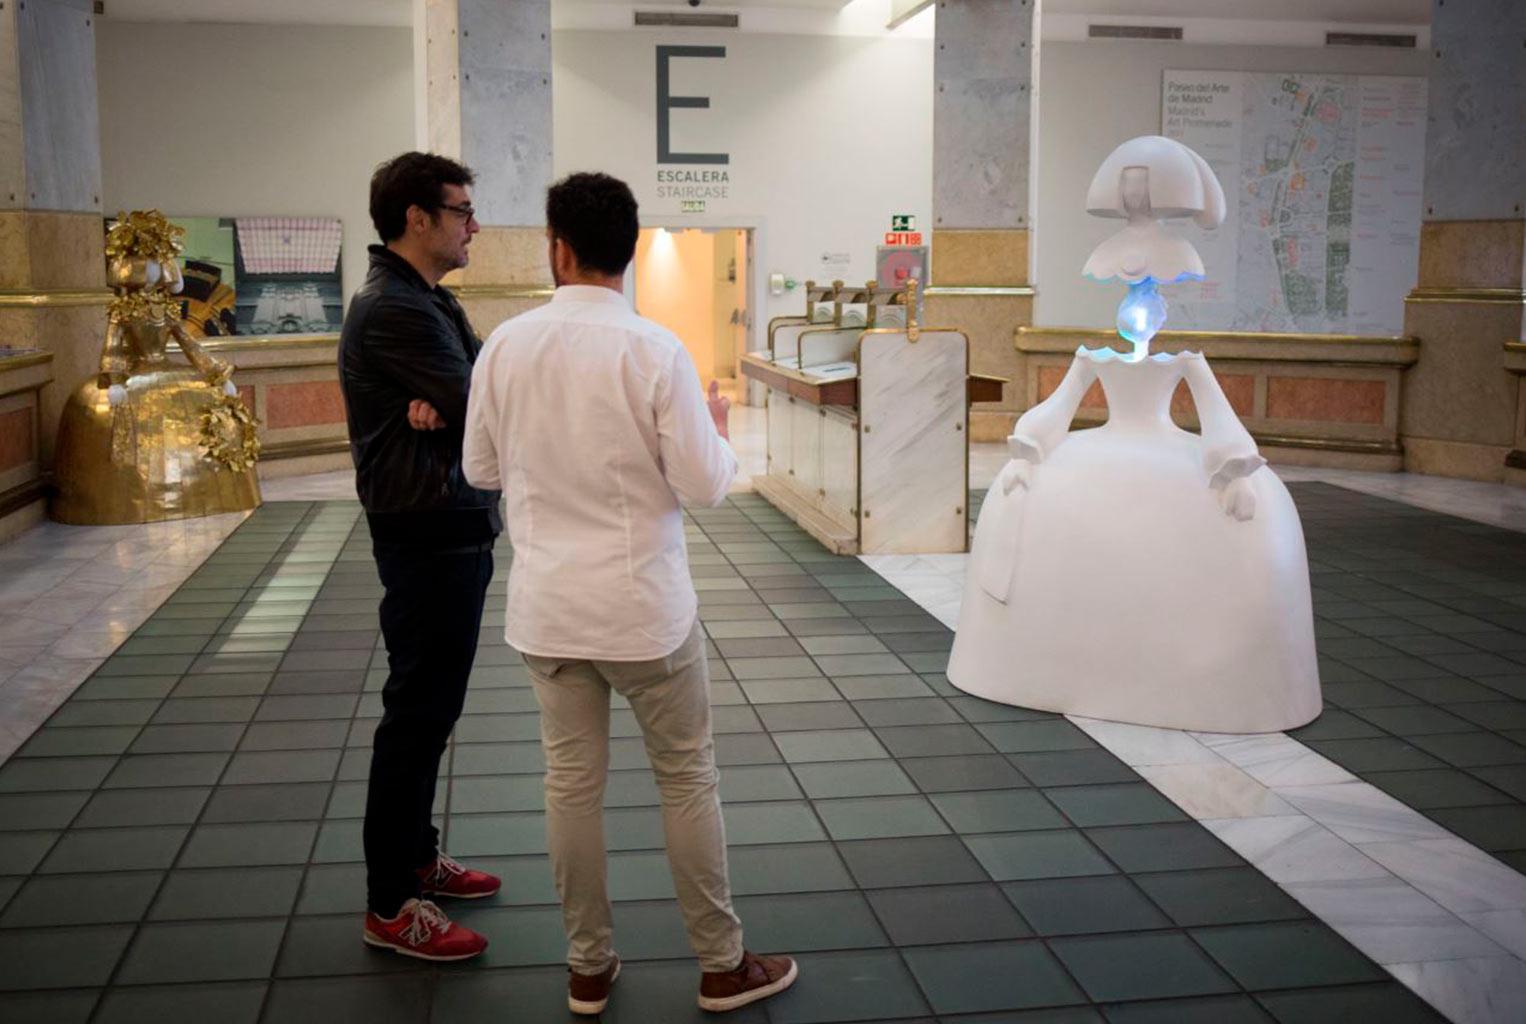 """Se instala la menina """"inteligente"""", una escultura capaz de expresar emociones humanas en tiempo real"""